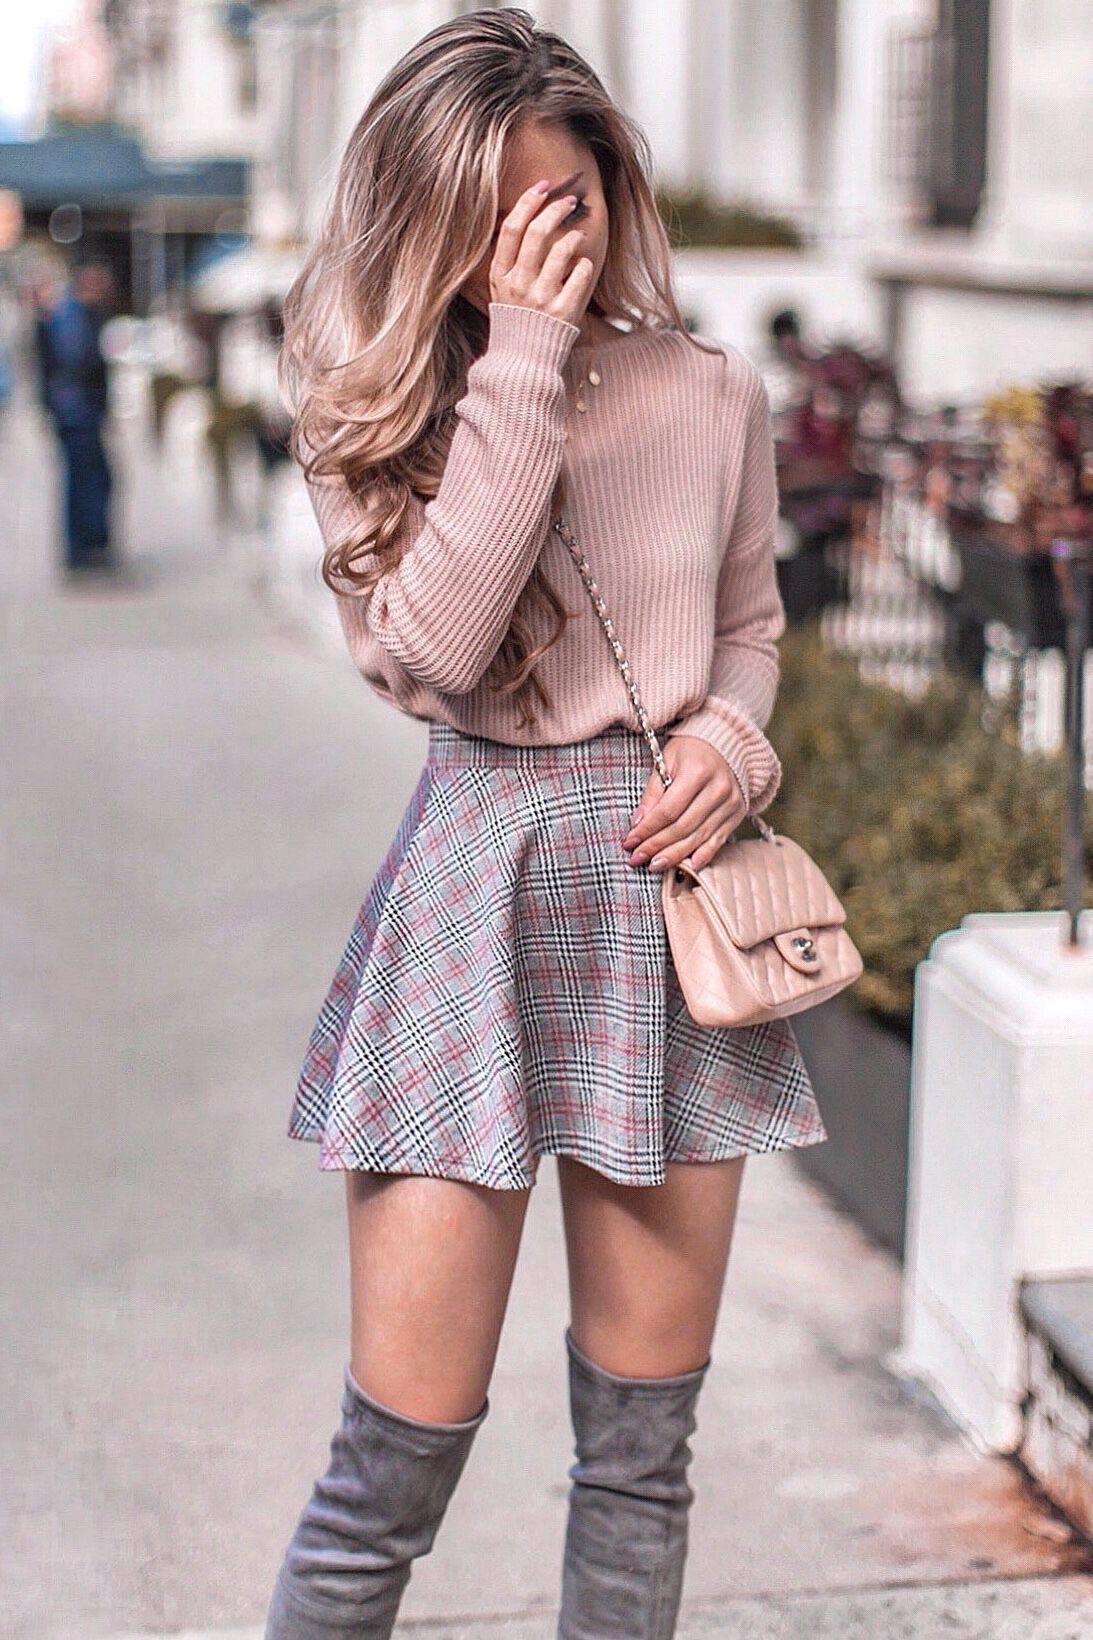 792a1af009 Pastel pink knit sweater